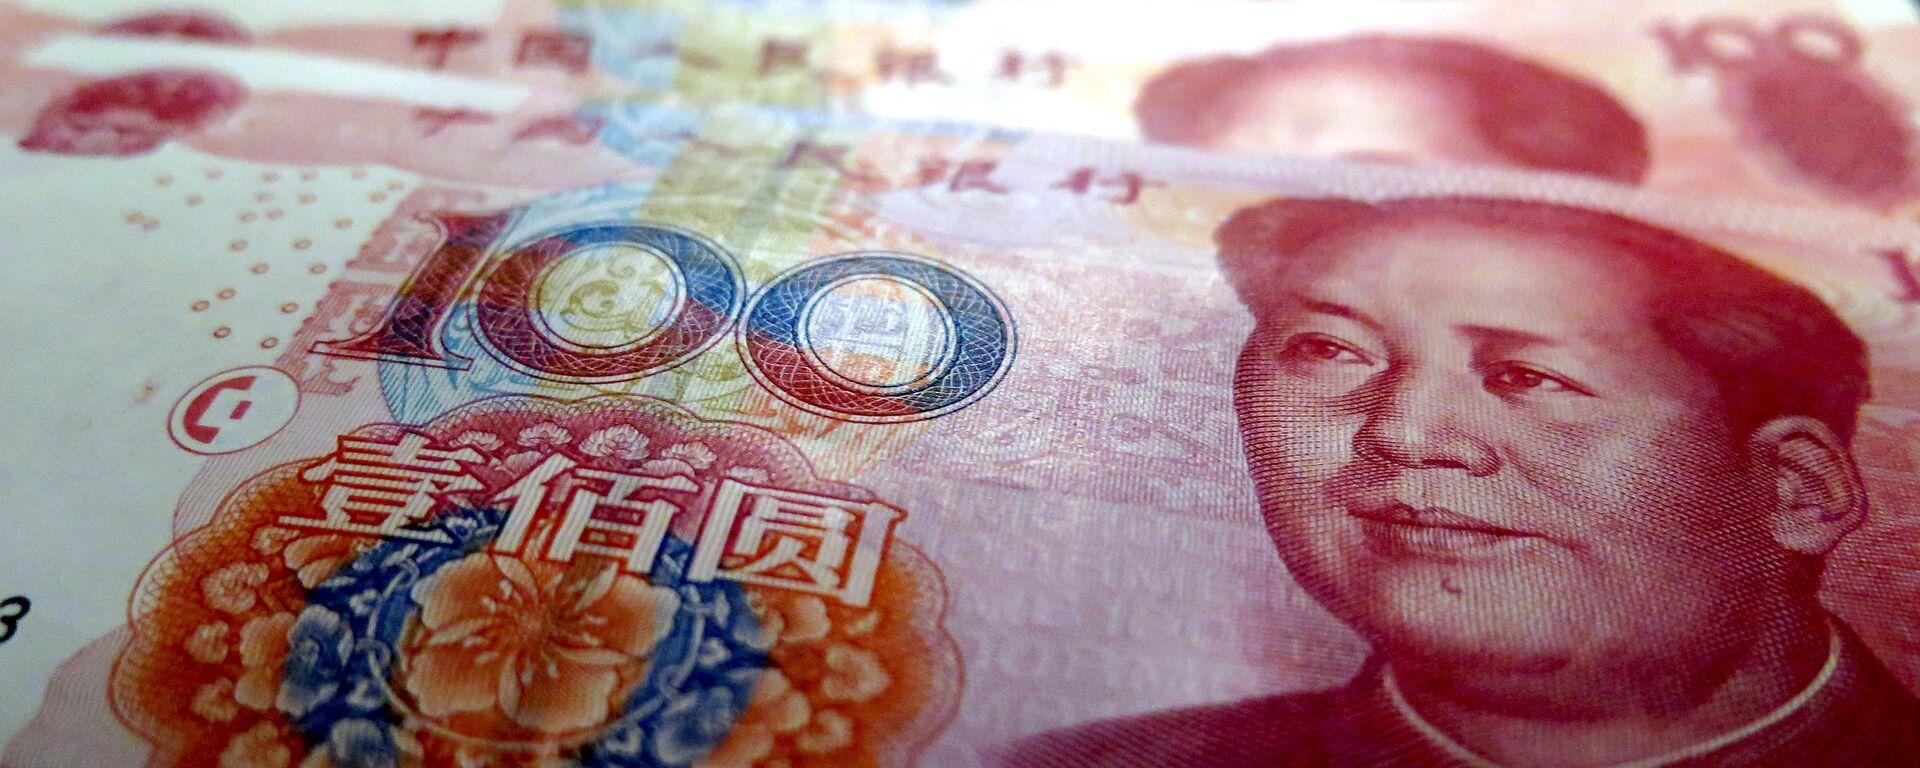 Yuan, moneda china - Sputnik Mundo, 1920, 25.05.2021